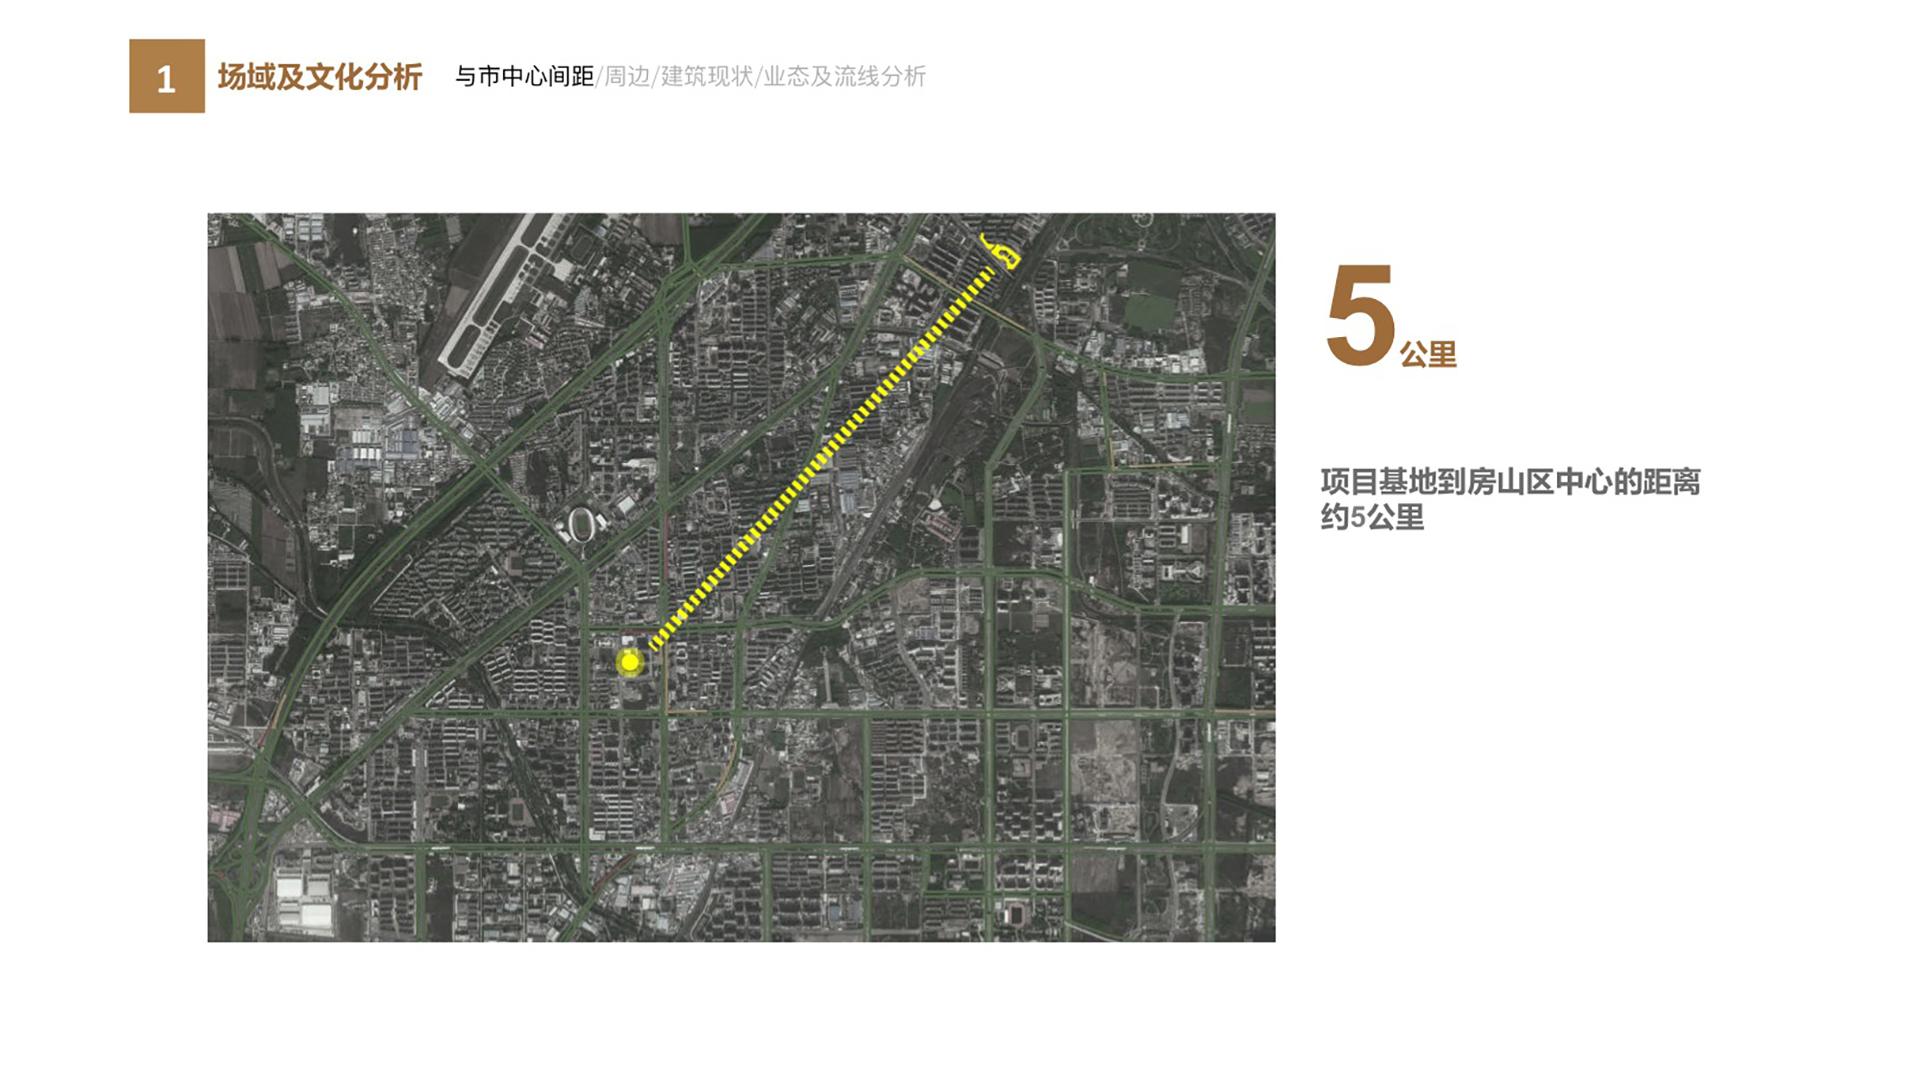 碧桂园商业楼场域及文化分析 —与市中心间距